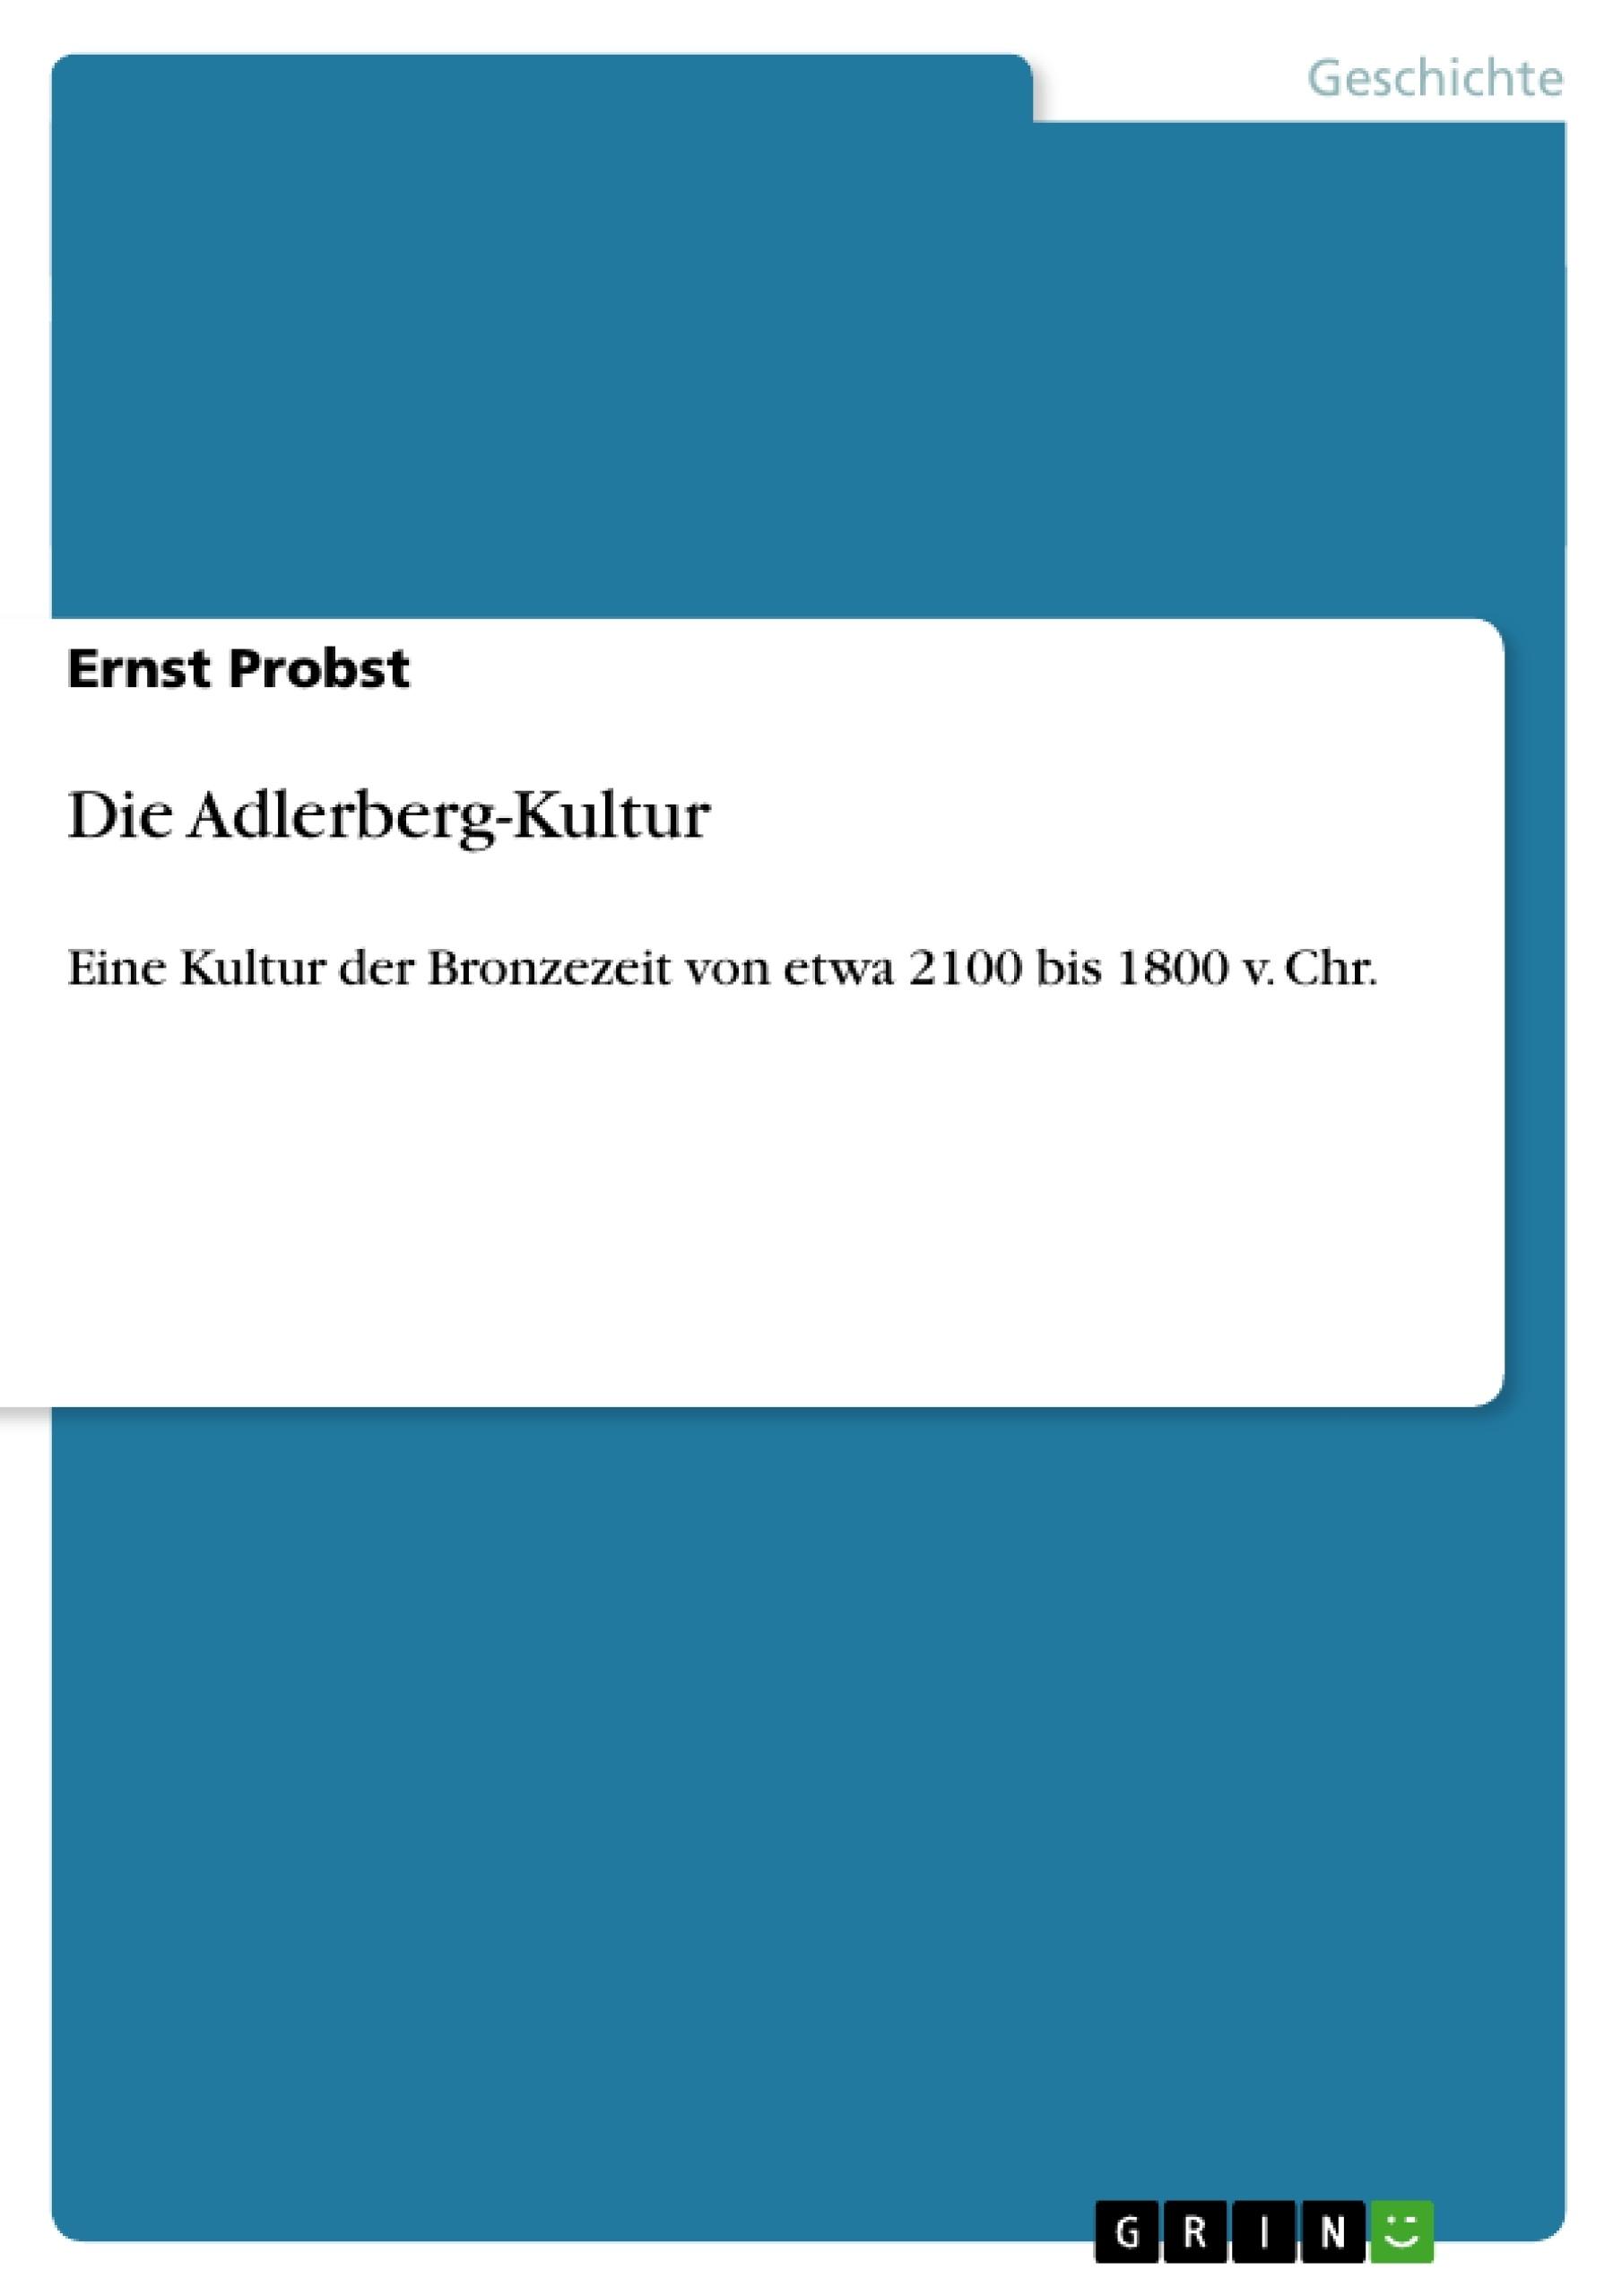 Titel: Die Adlerberg-Kultur